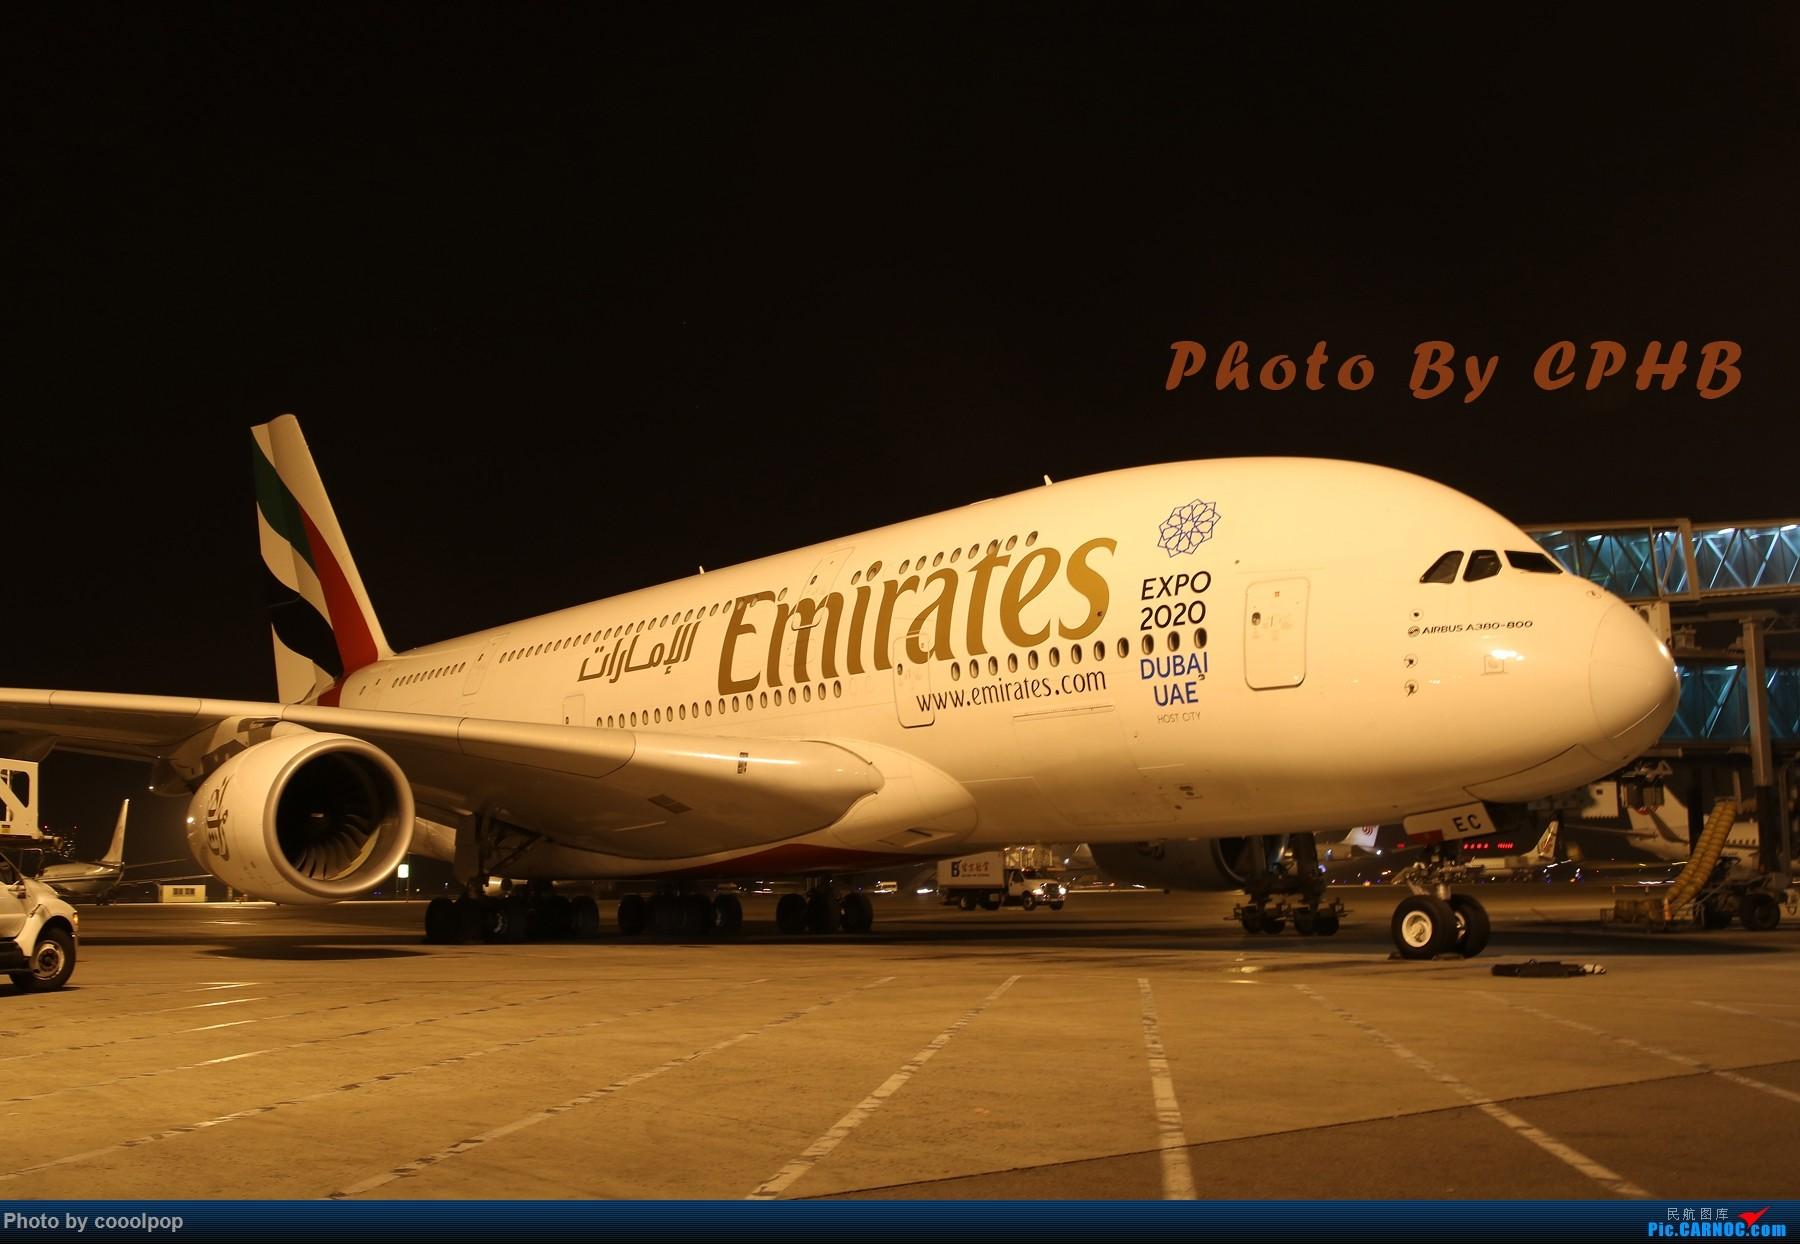 Re:[原创]好些年没来了!发了去年的游记帖子吧 PEK-CDG-VCE-DXB-PEK。法航 阿联酋航空混飞 EK A380驾驶舱 商务舱 头等舱 外场 AIRBUS A380-800 A6-EEC 中国北京首都国际机场